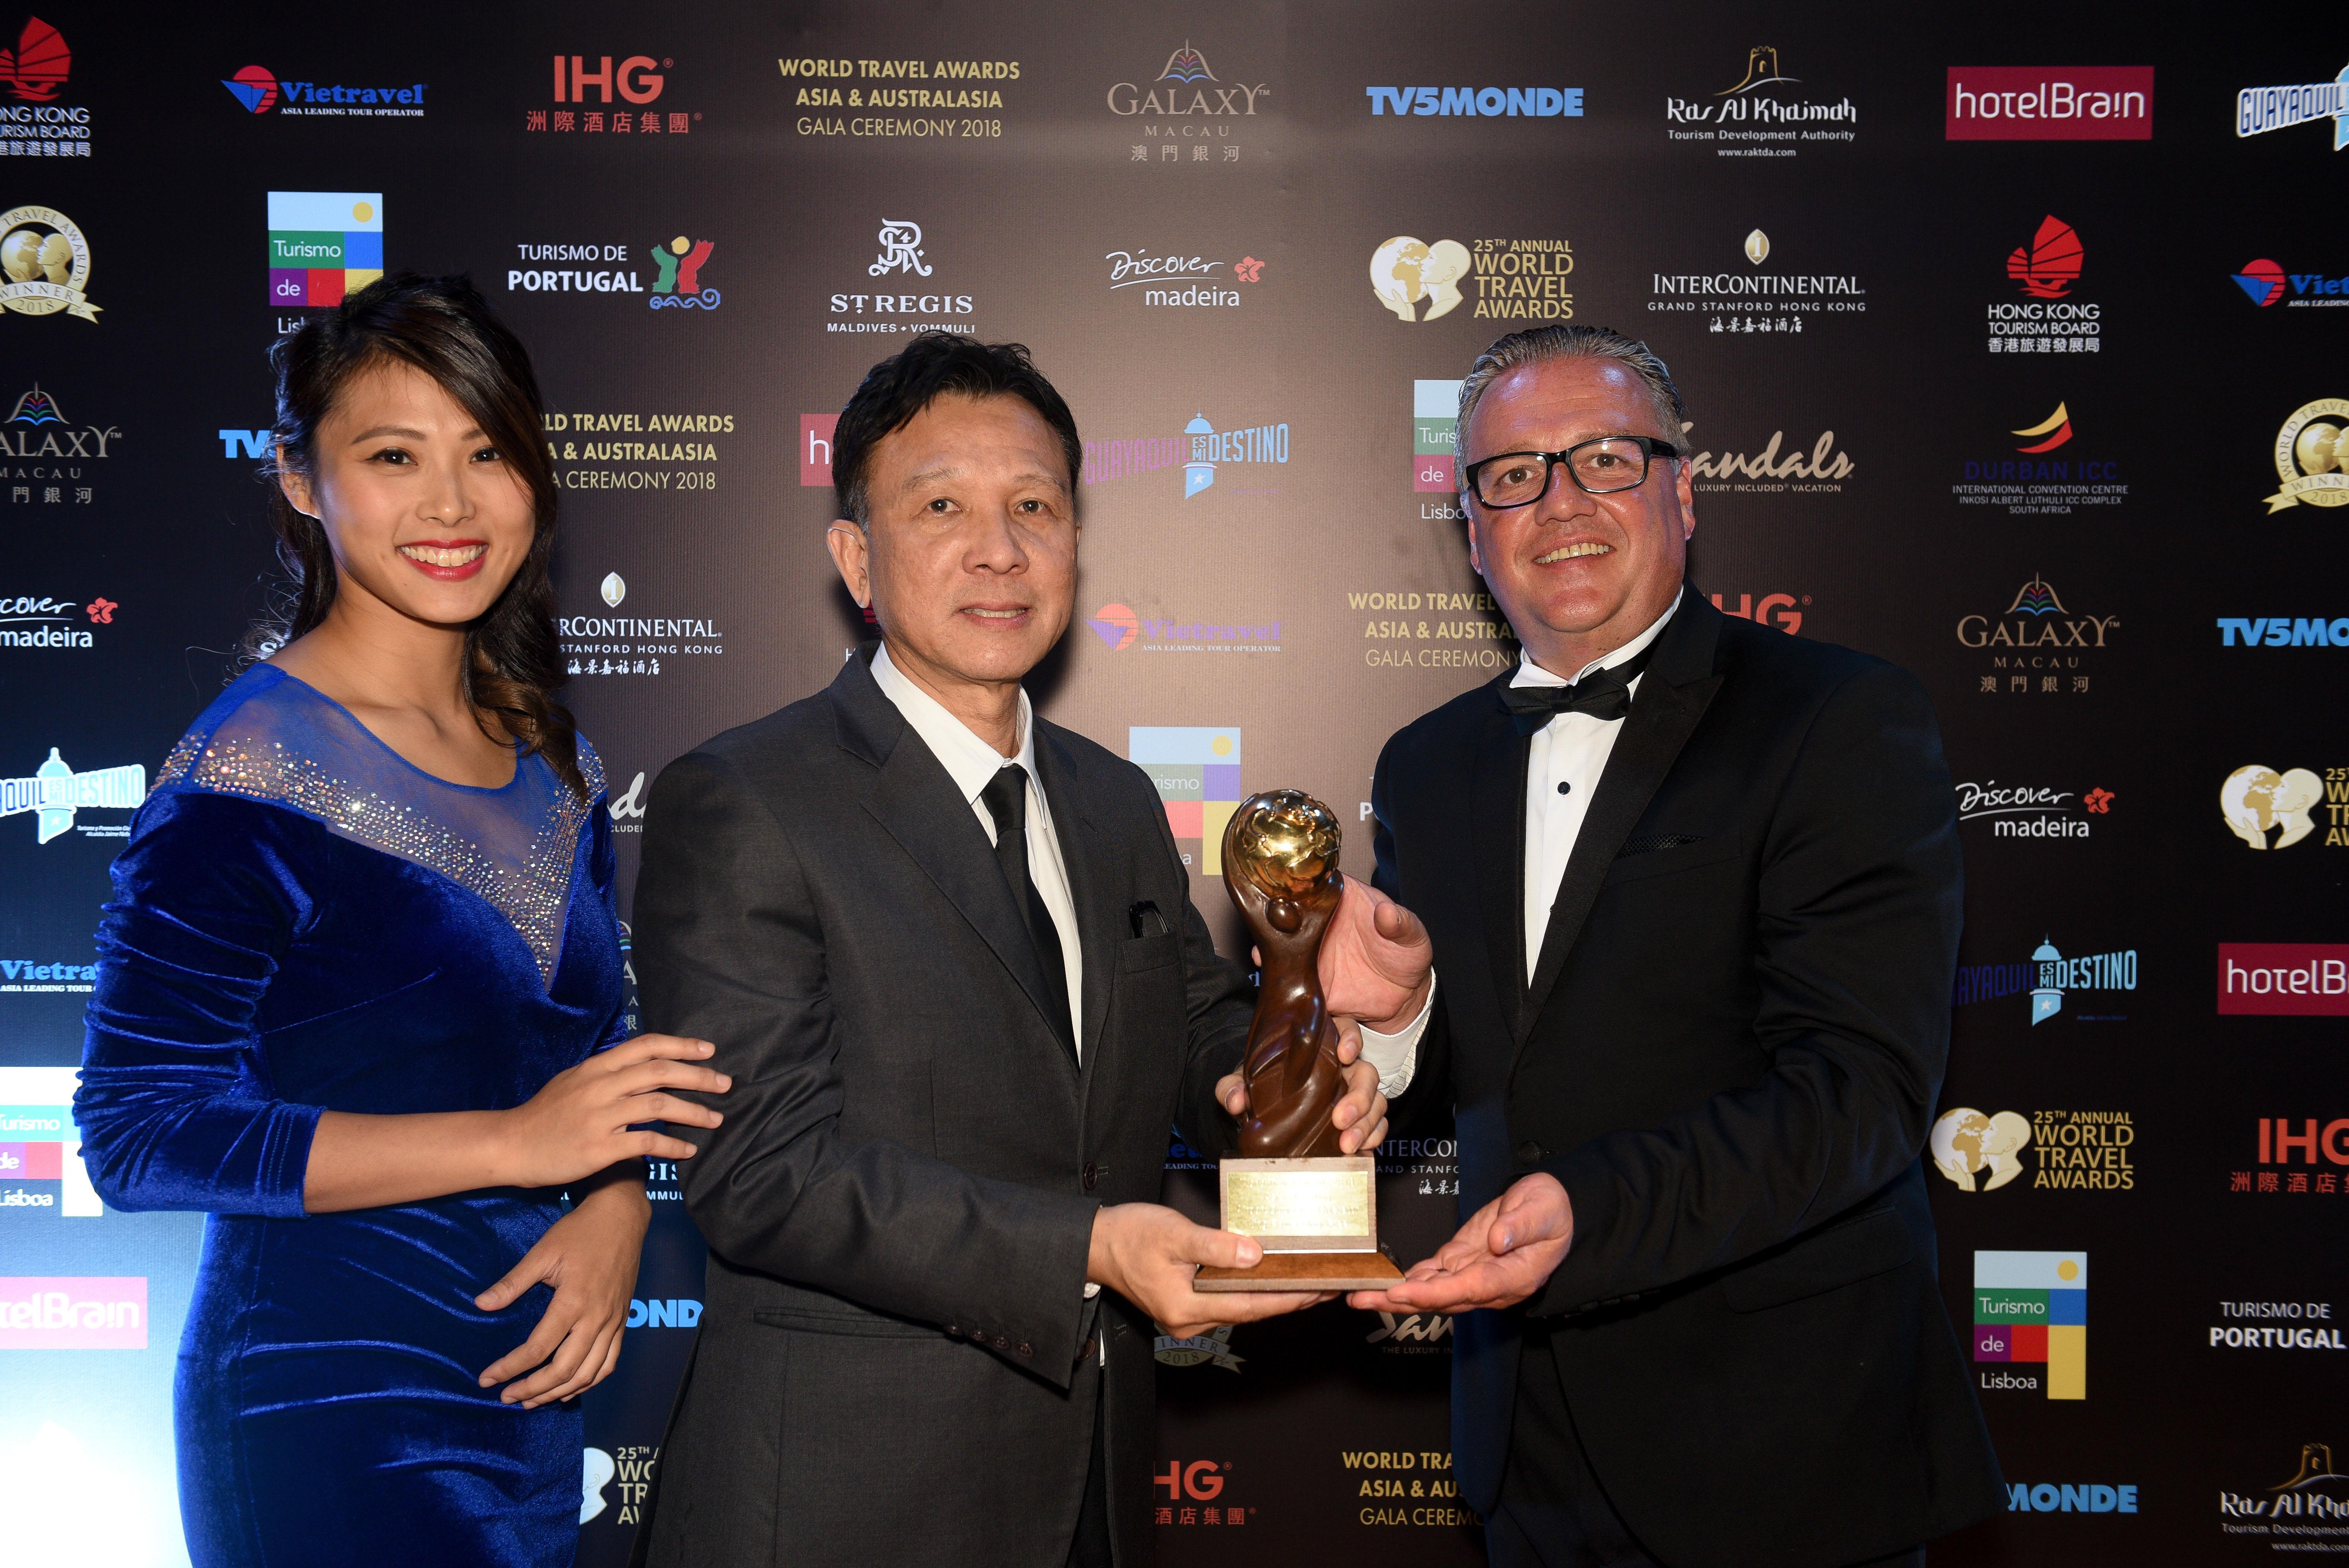 คิง เพาเวอร์ คว้ารางวัล World Travel Awards 2018